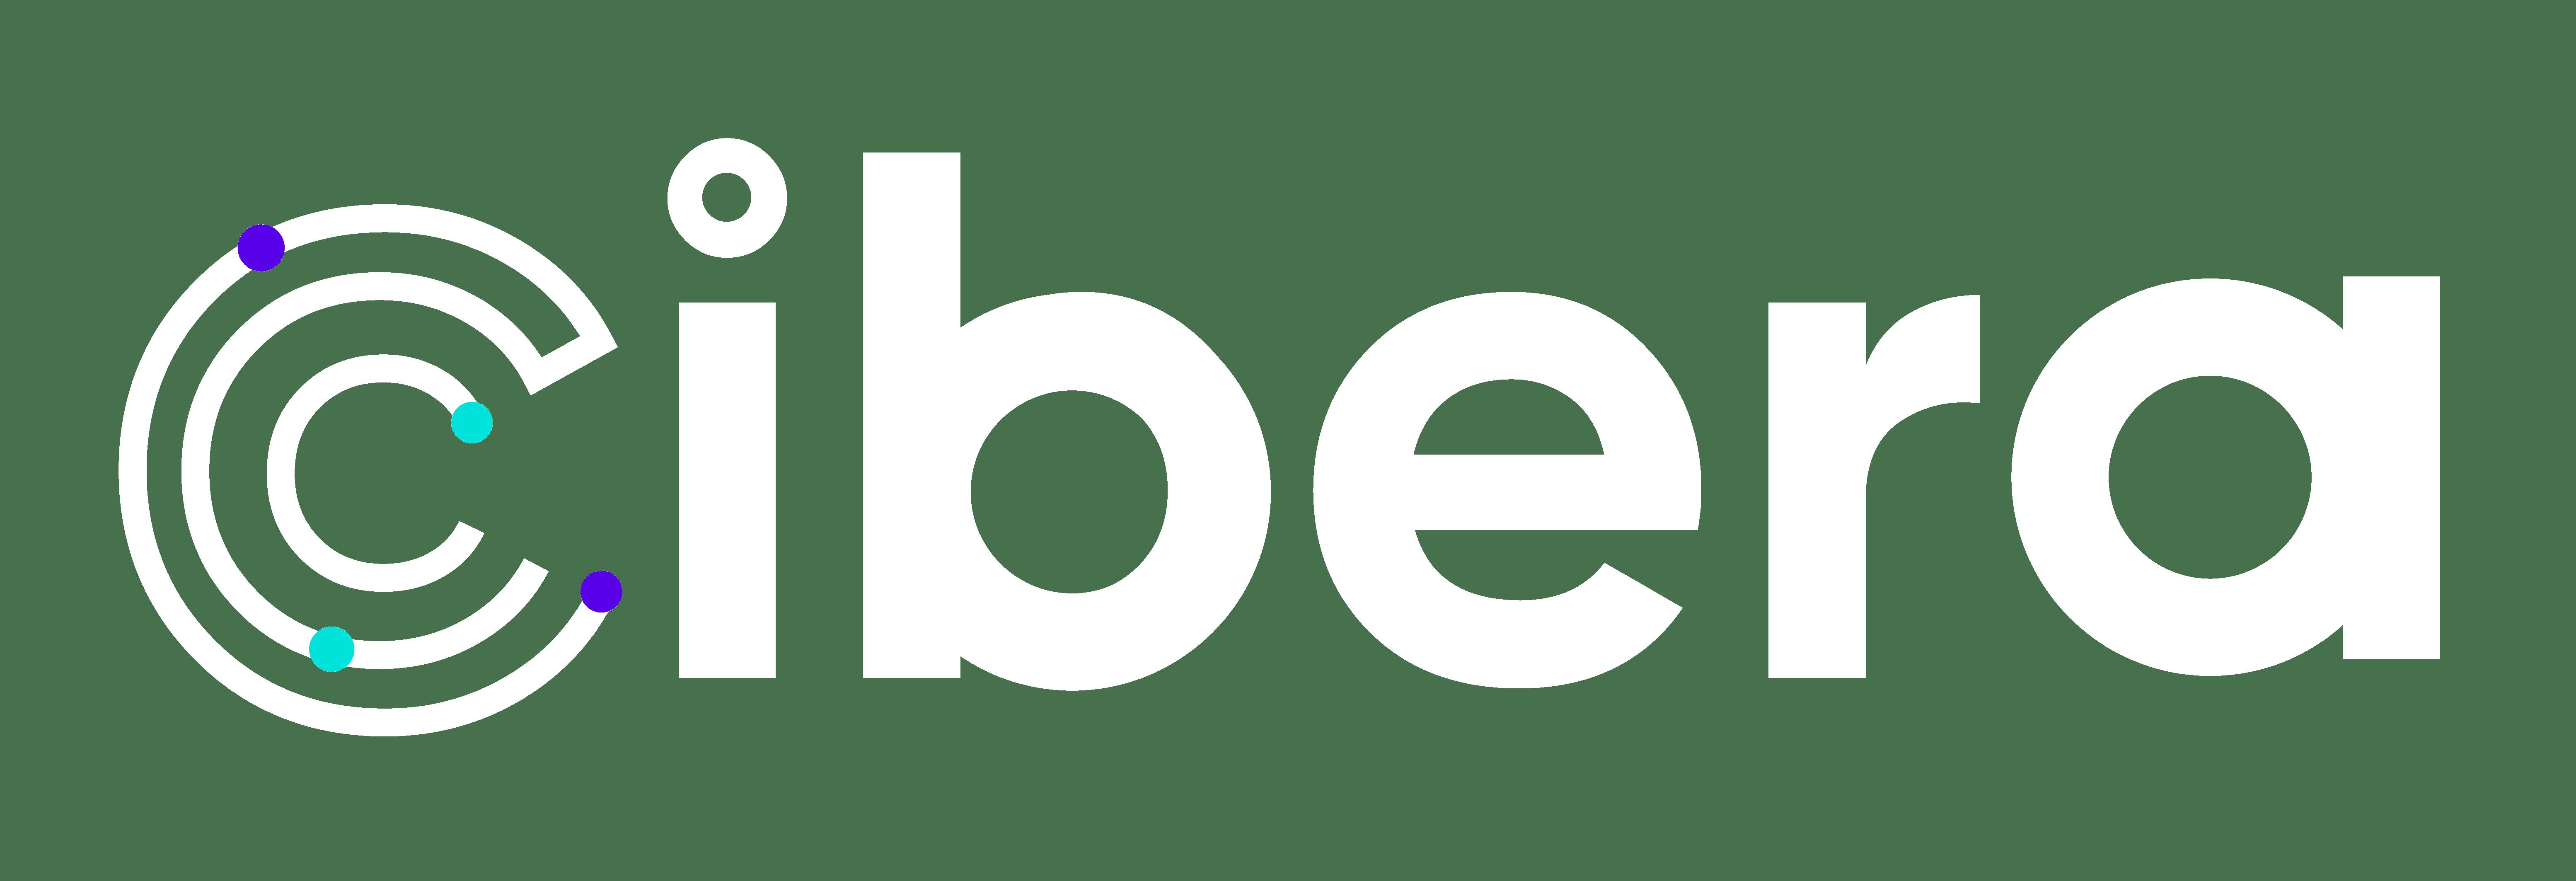 Cibera Blog